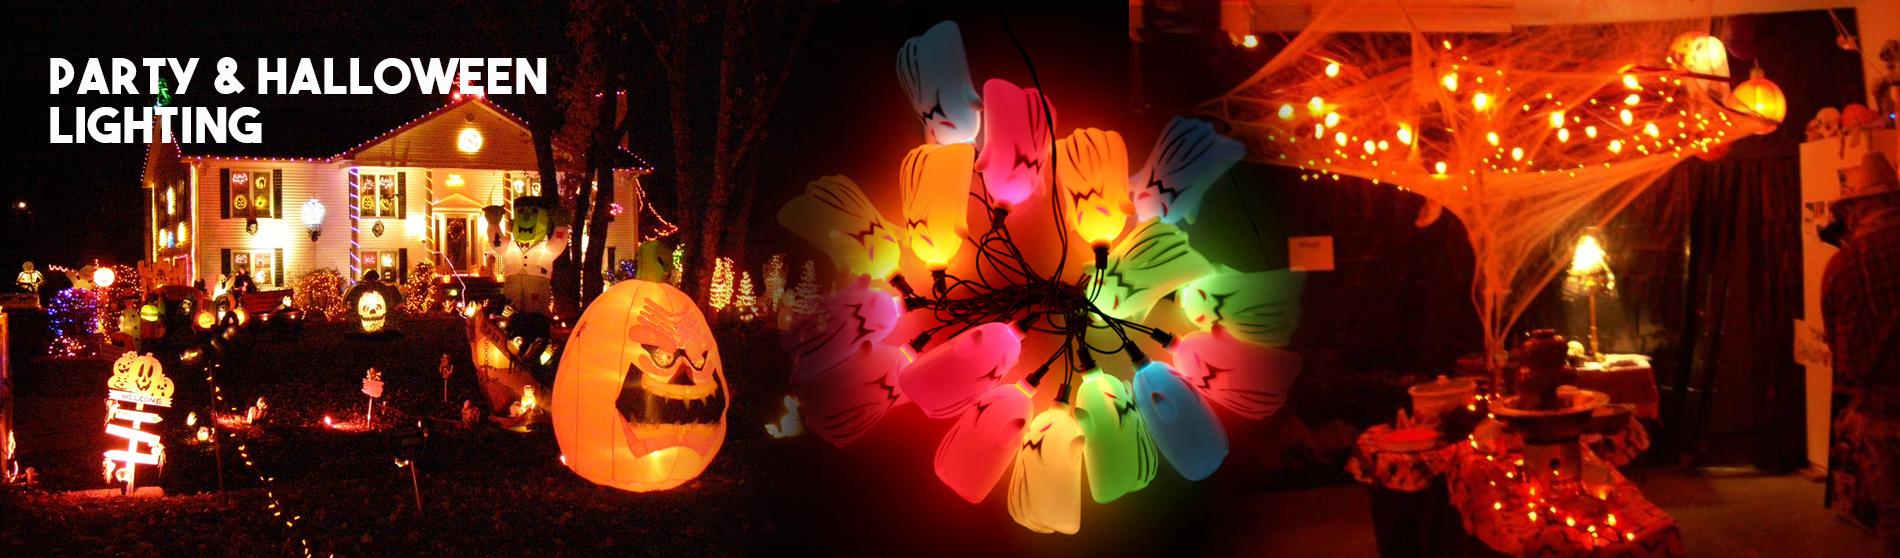 Party-Halloween-Lighting